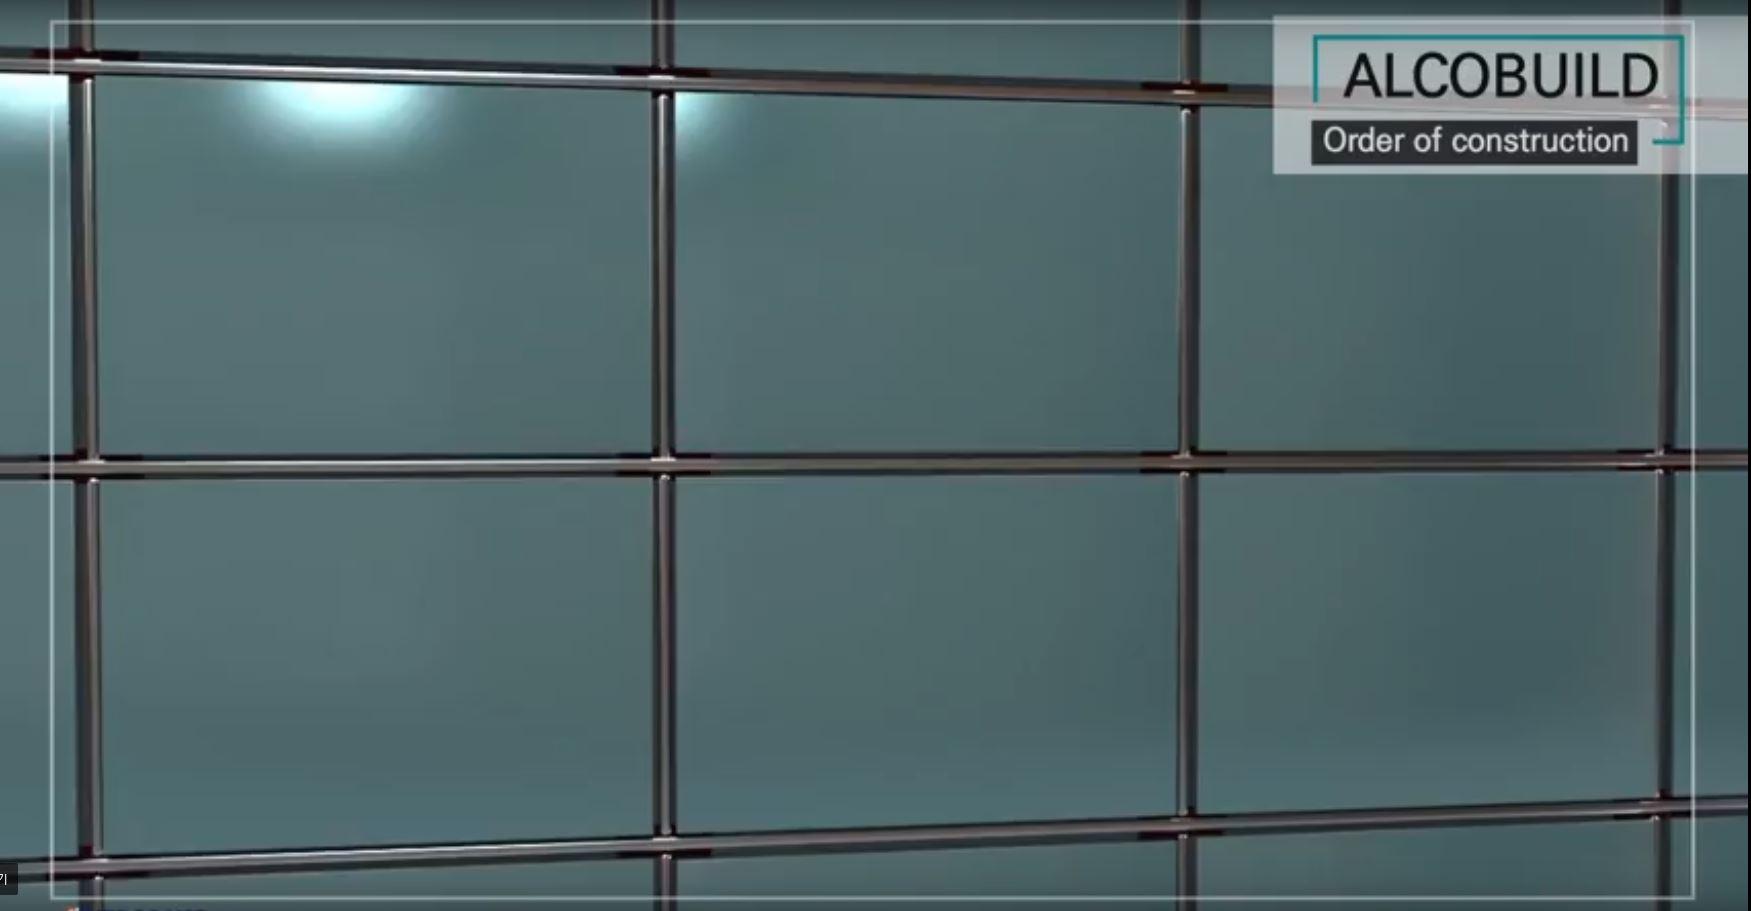 2017 에스와이그룹 알코빌드 소개영상(영문)